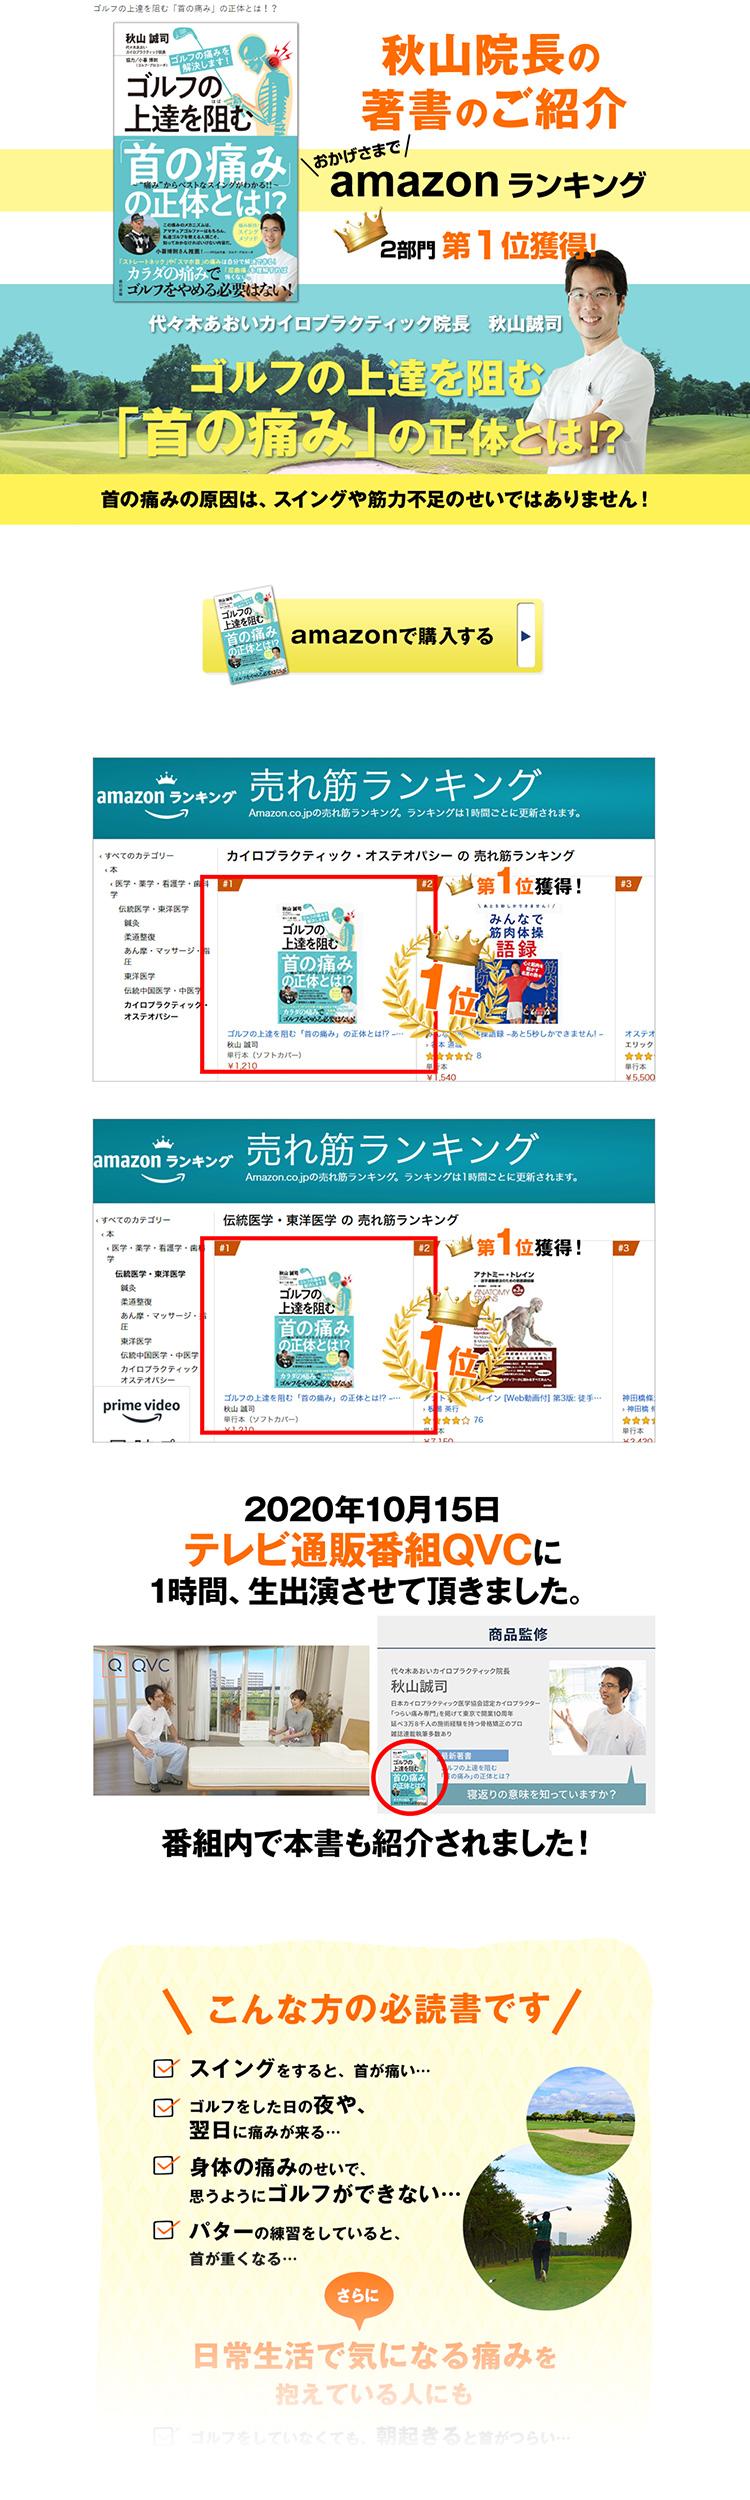 書籍キャンペーンサイト制作事例